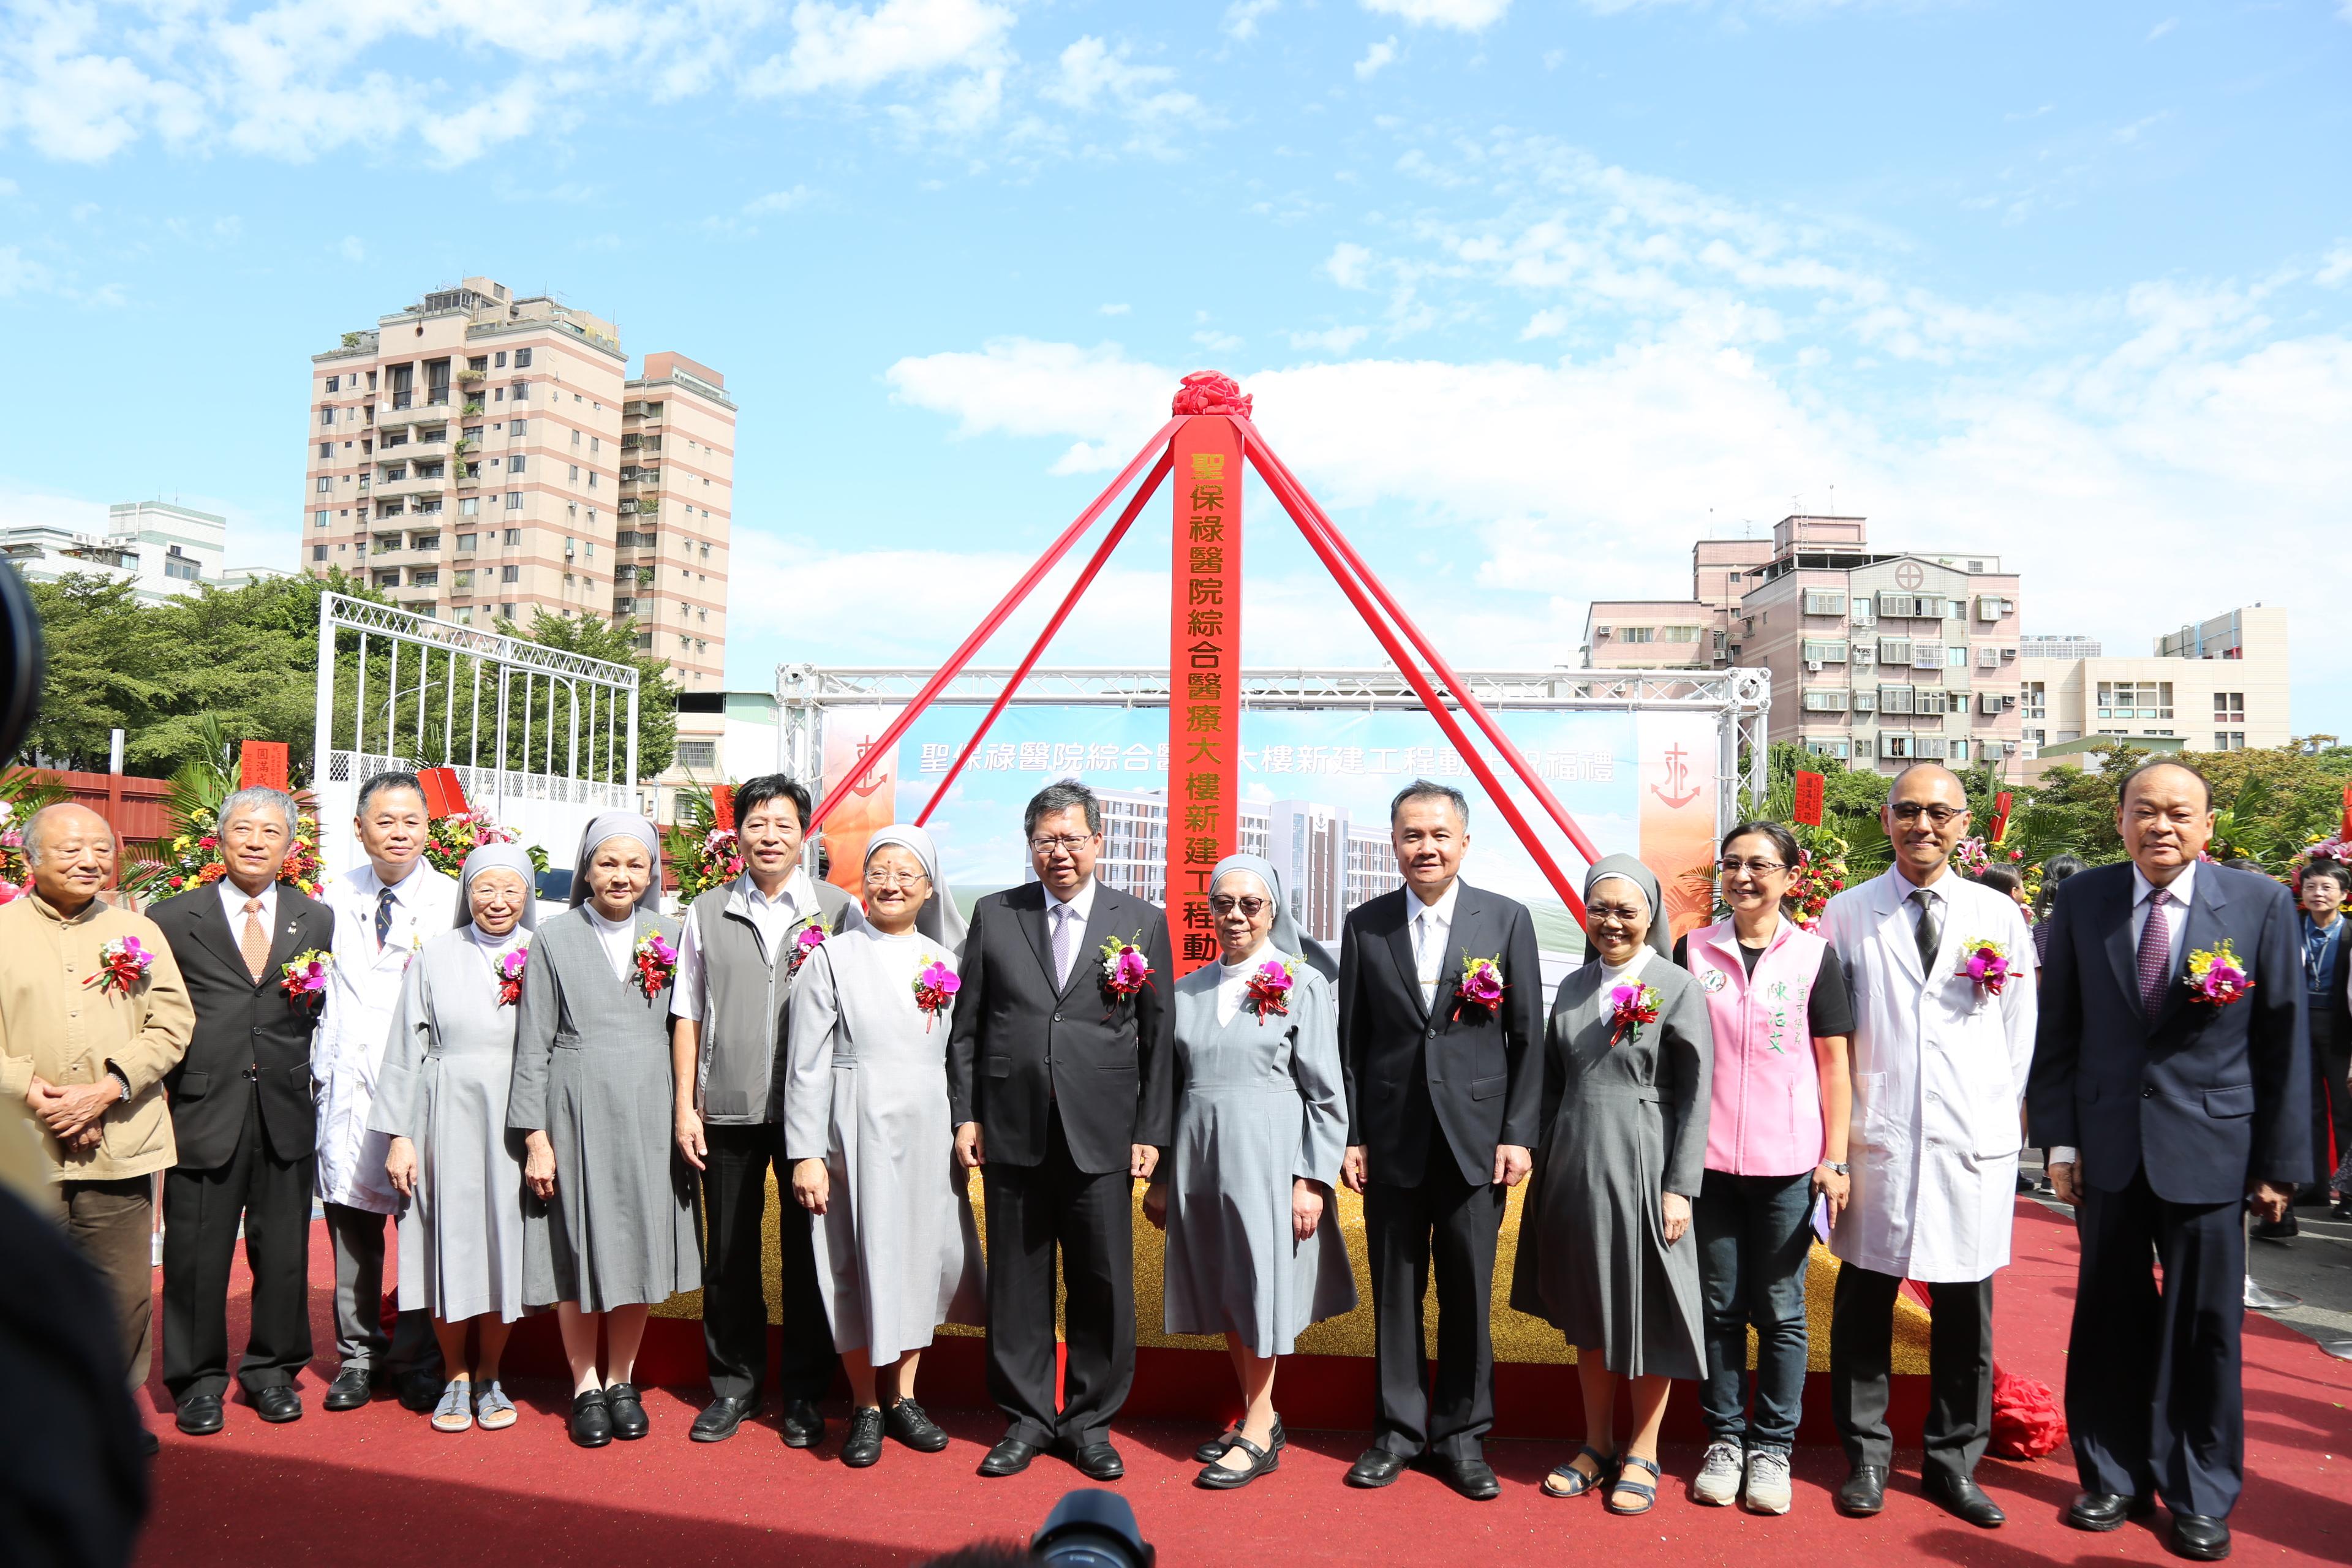 <ul> <li>10月25日新院區綜合醫療大樓新建工程動土祝福禮。</li> </ul>